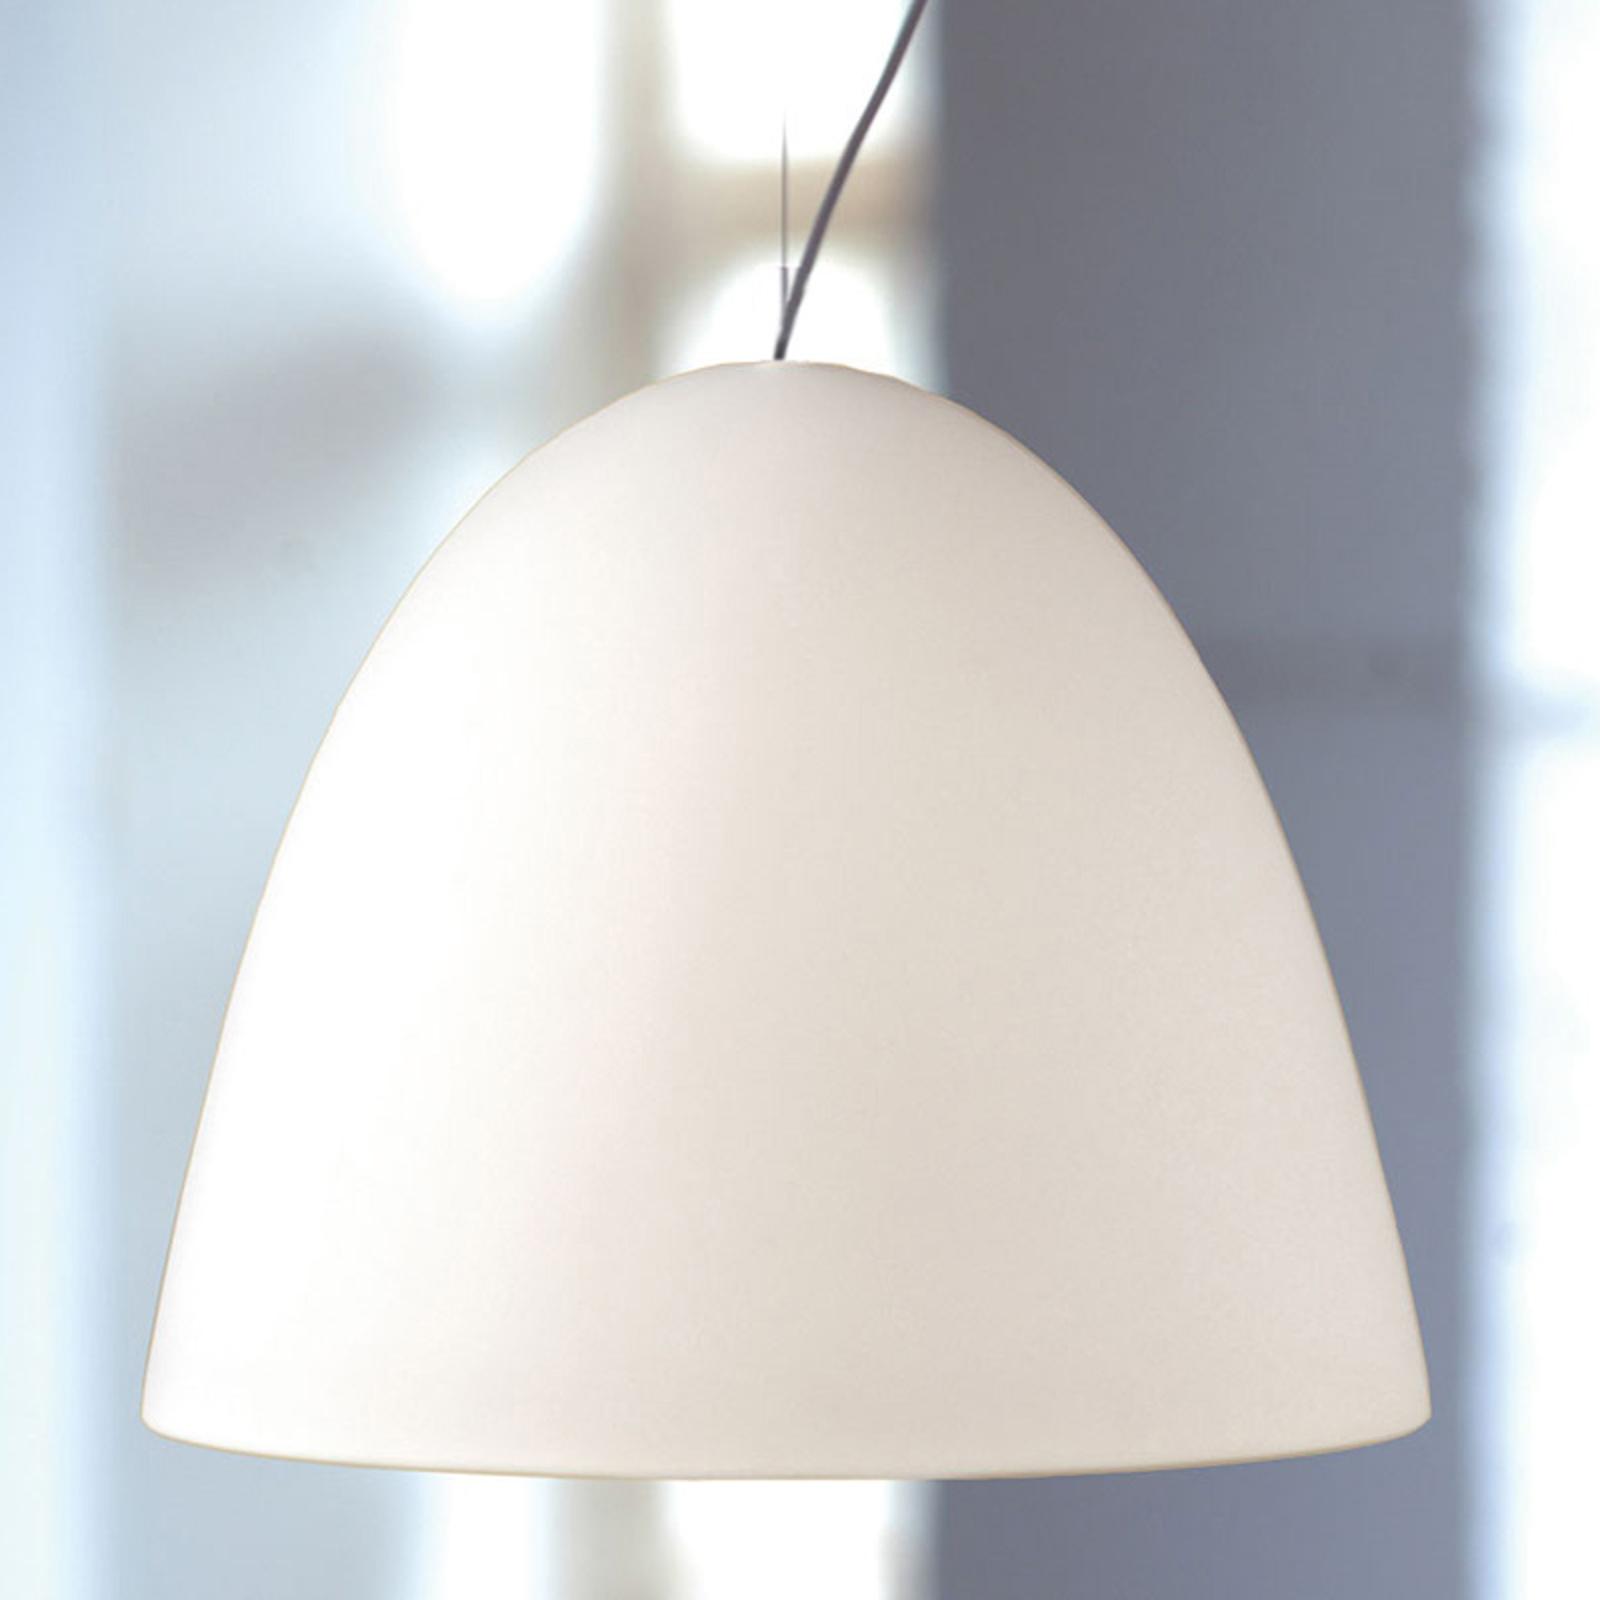 Lampa wisząca BELL 30 cm 1-punktowa